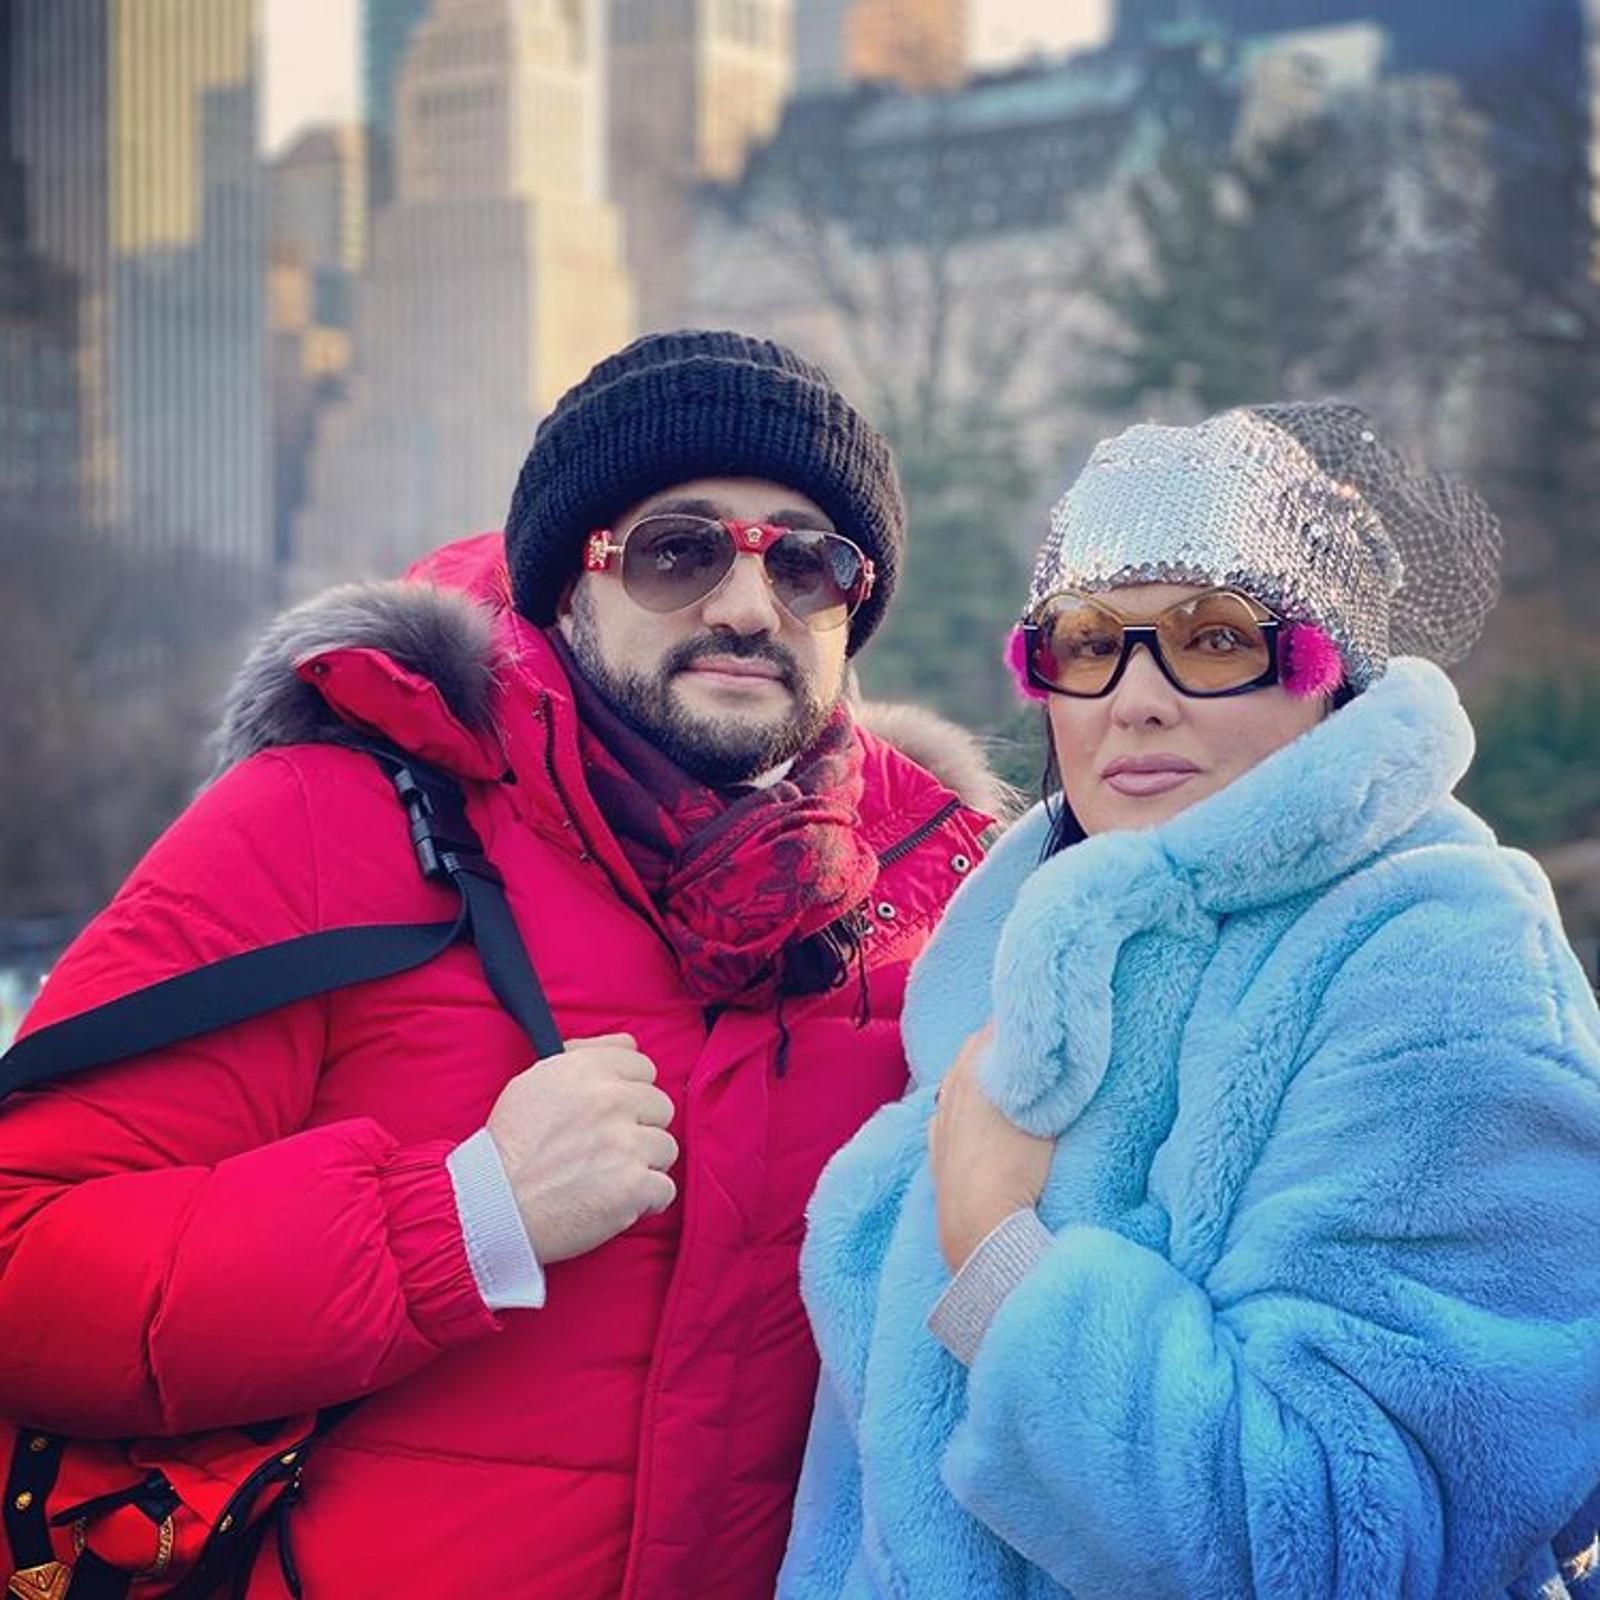 Сама изолировалась: Анна Нетребко госпитализирована с коронавирусной пневмонией